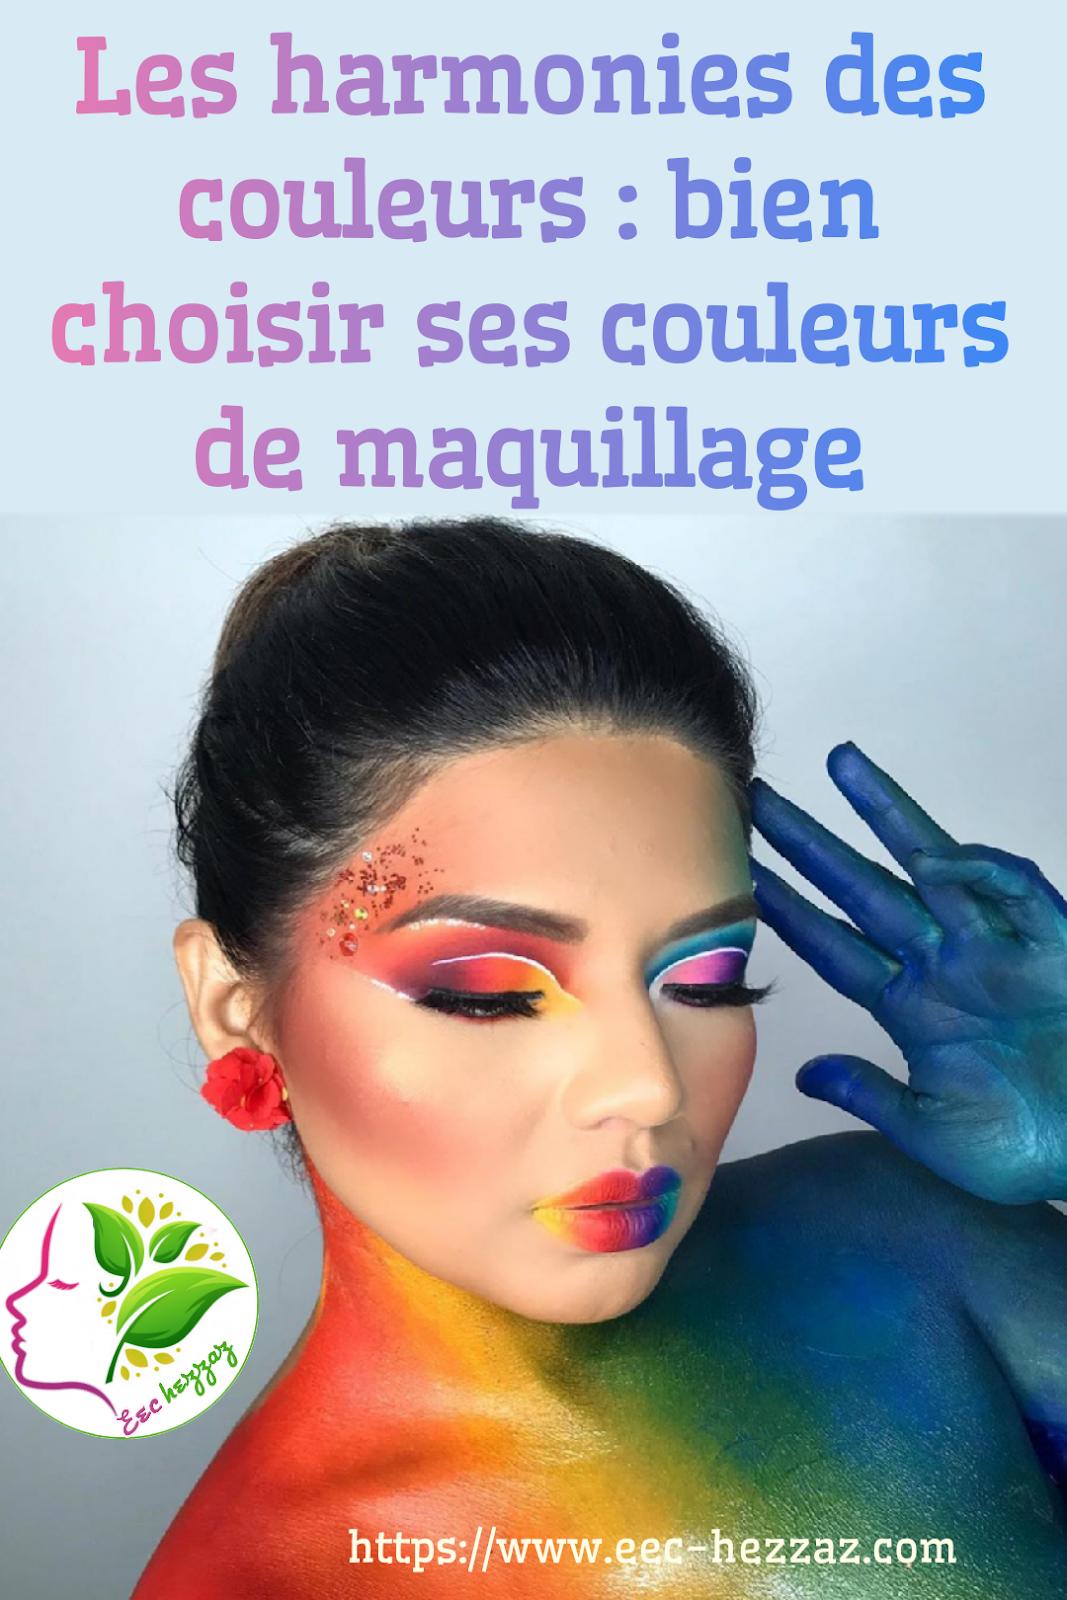 Les harmonies des couleurs : bien choisir ses couleurs de maquillage